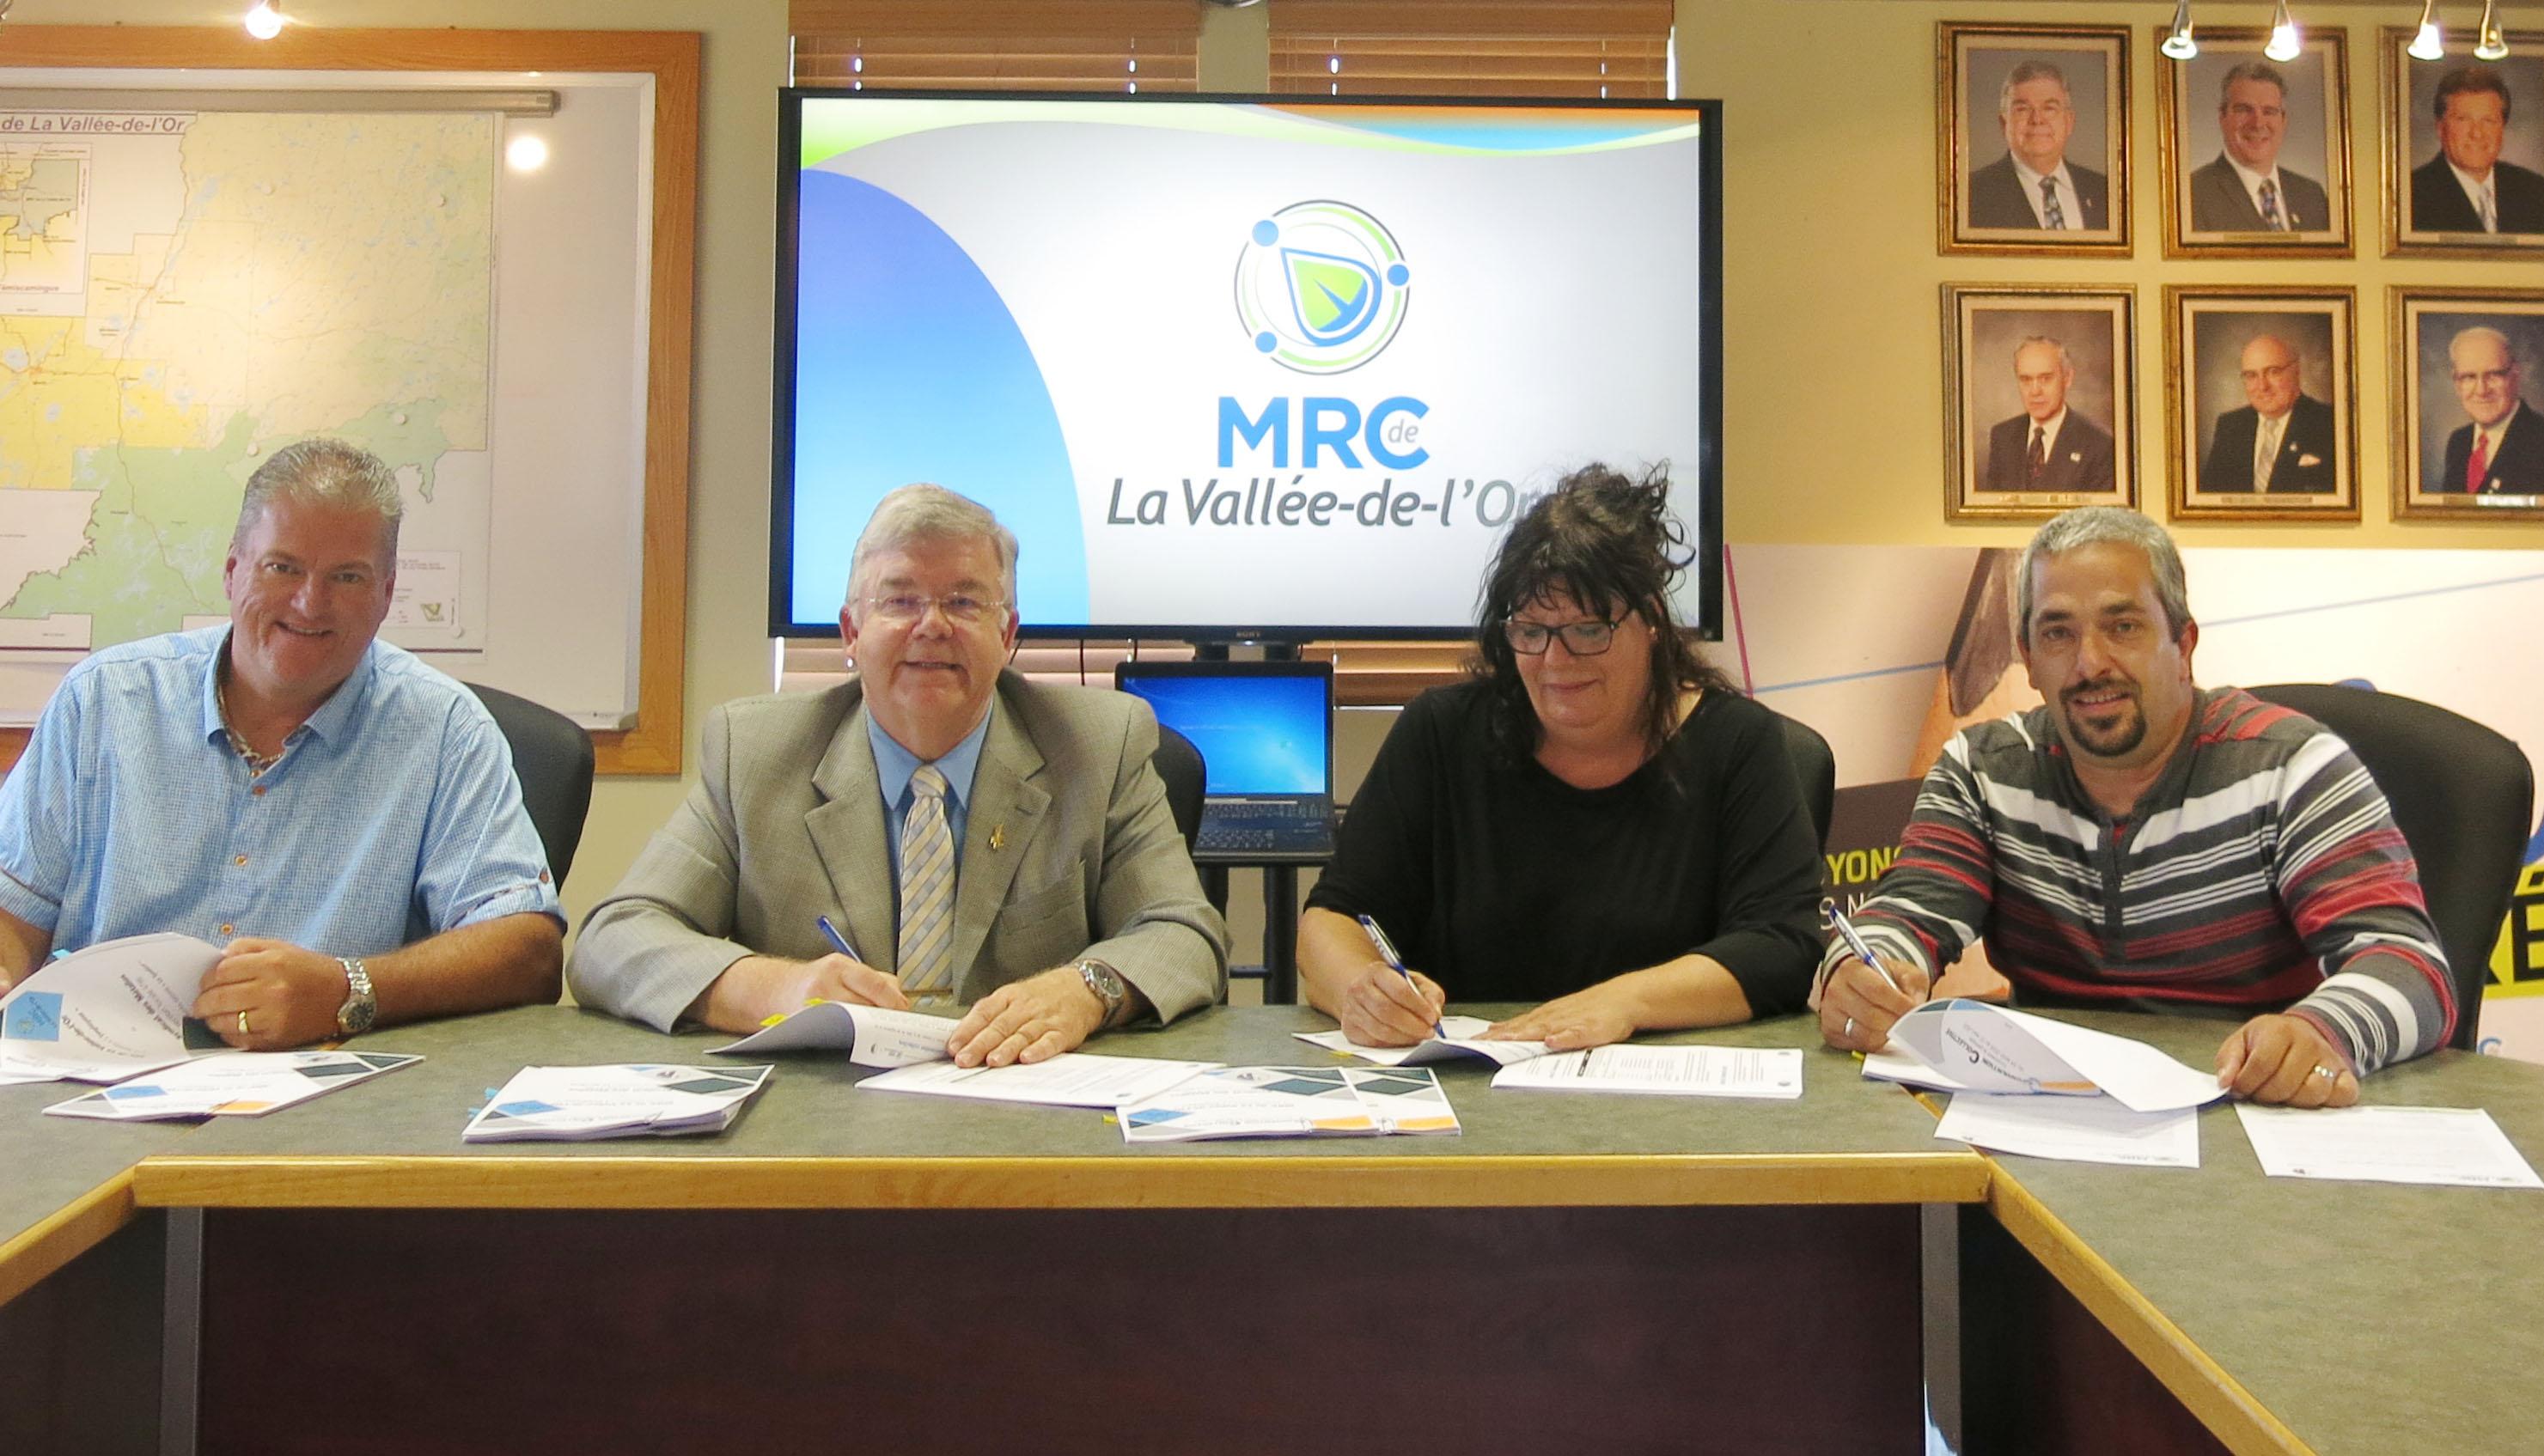 NOUVELLE CONVENTION COLLECTIVE POUR LES EMPLOYÉS  DE LA COLLECTE DES MATIÈRES RÉSIDUELLES DE LA MRC DE LA VALLÉE-DE-L'OR